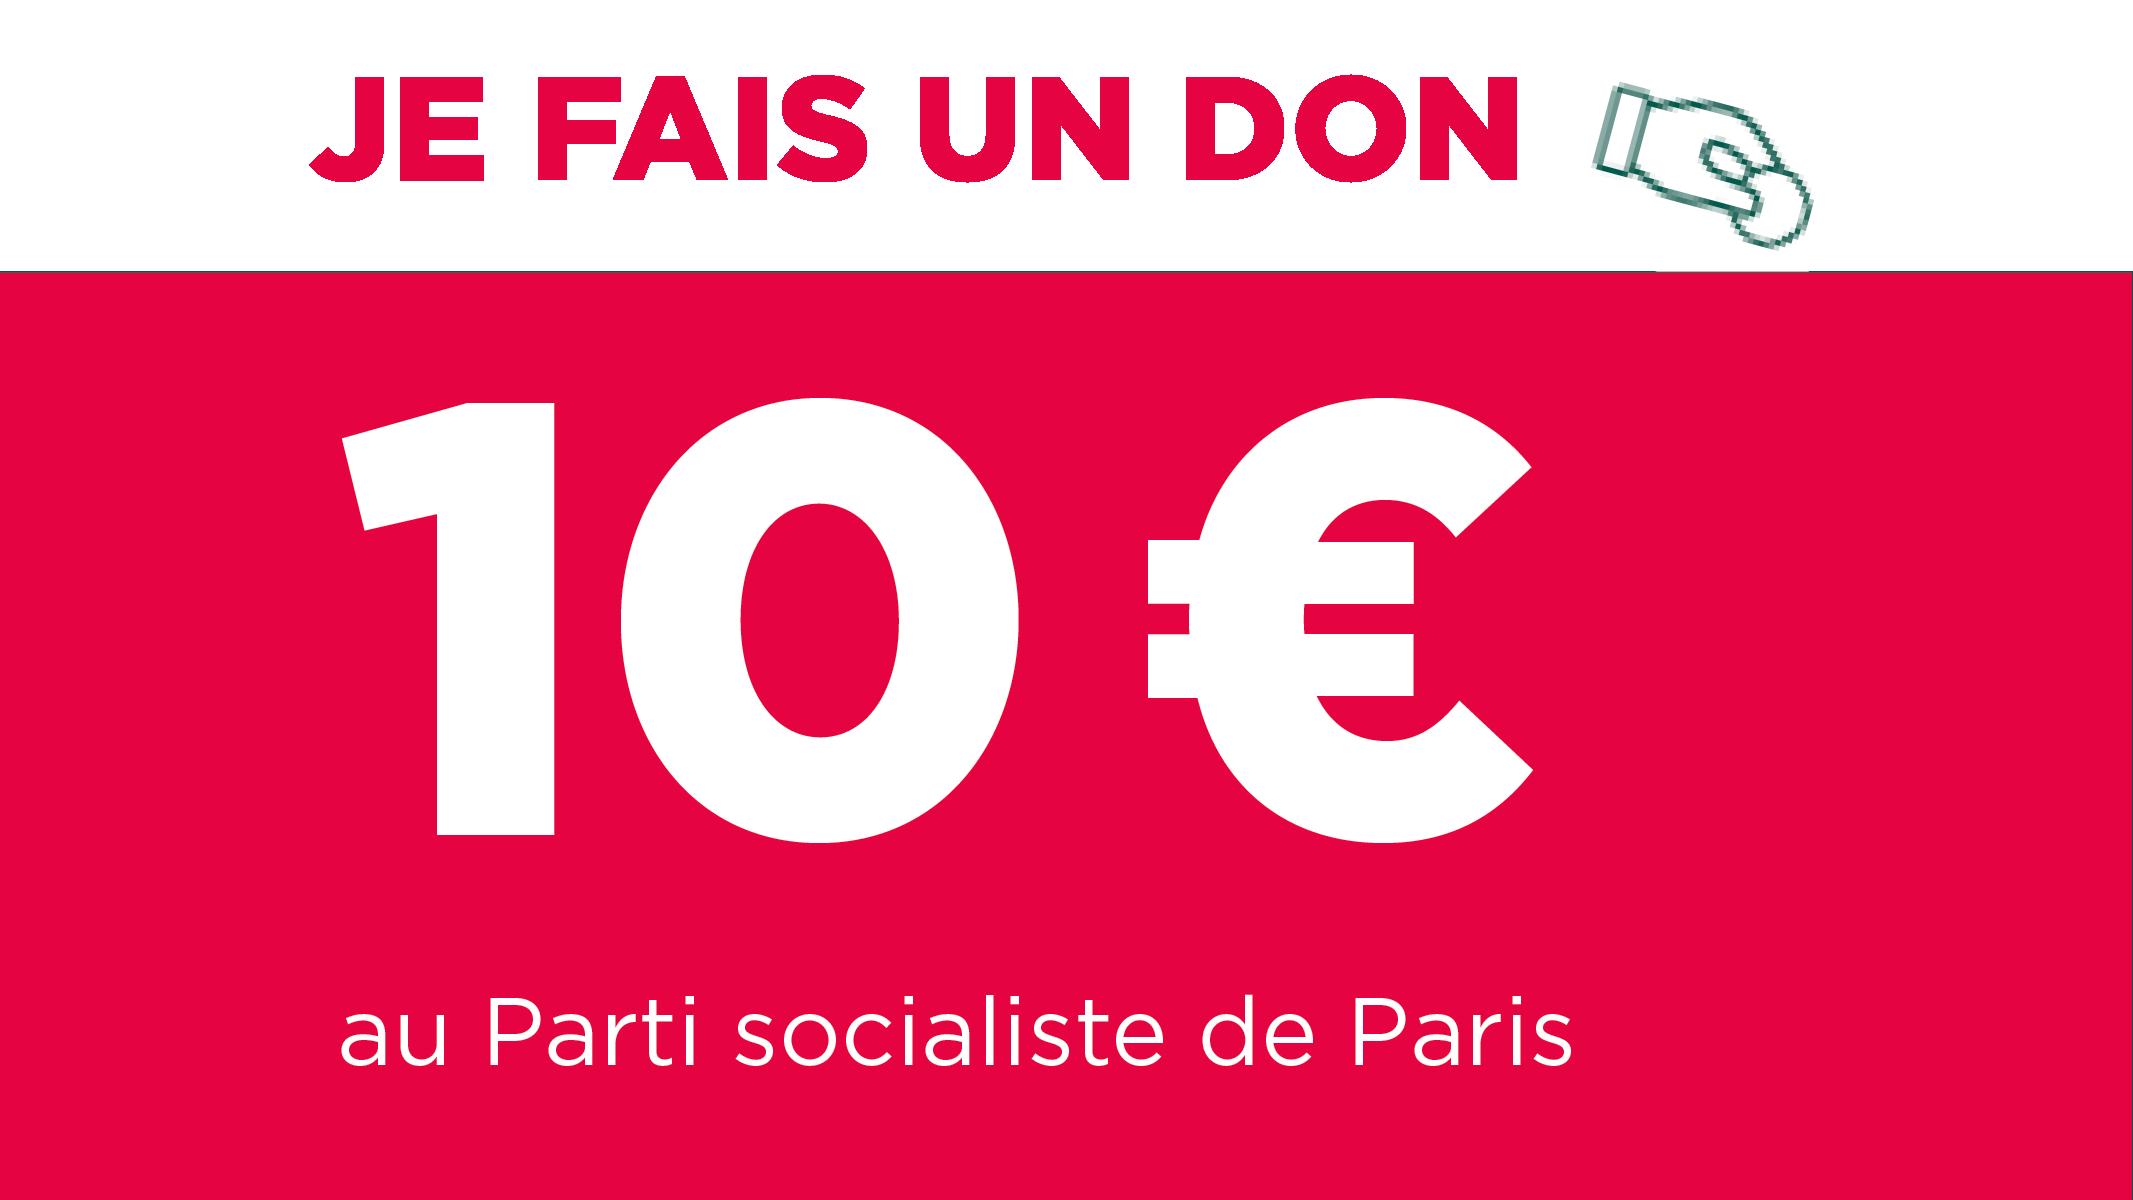 Je fais un don de 10€ au Parti socialiste de Paris